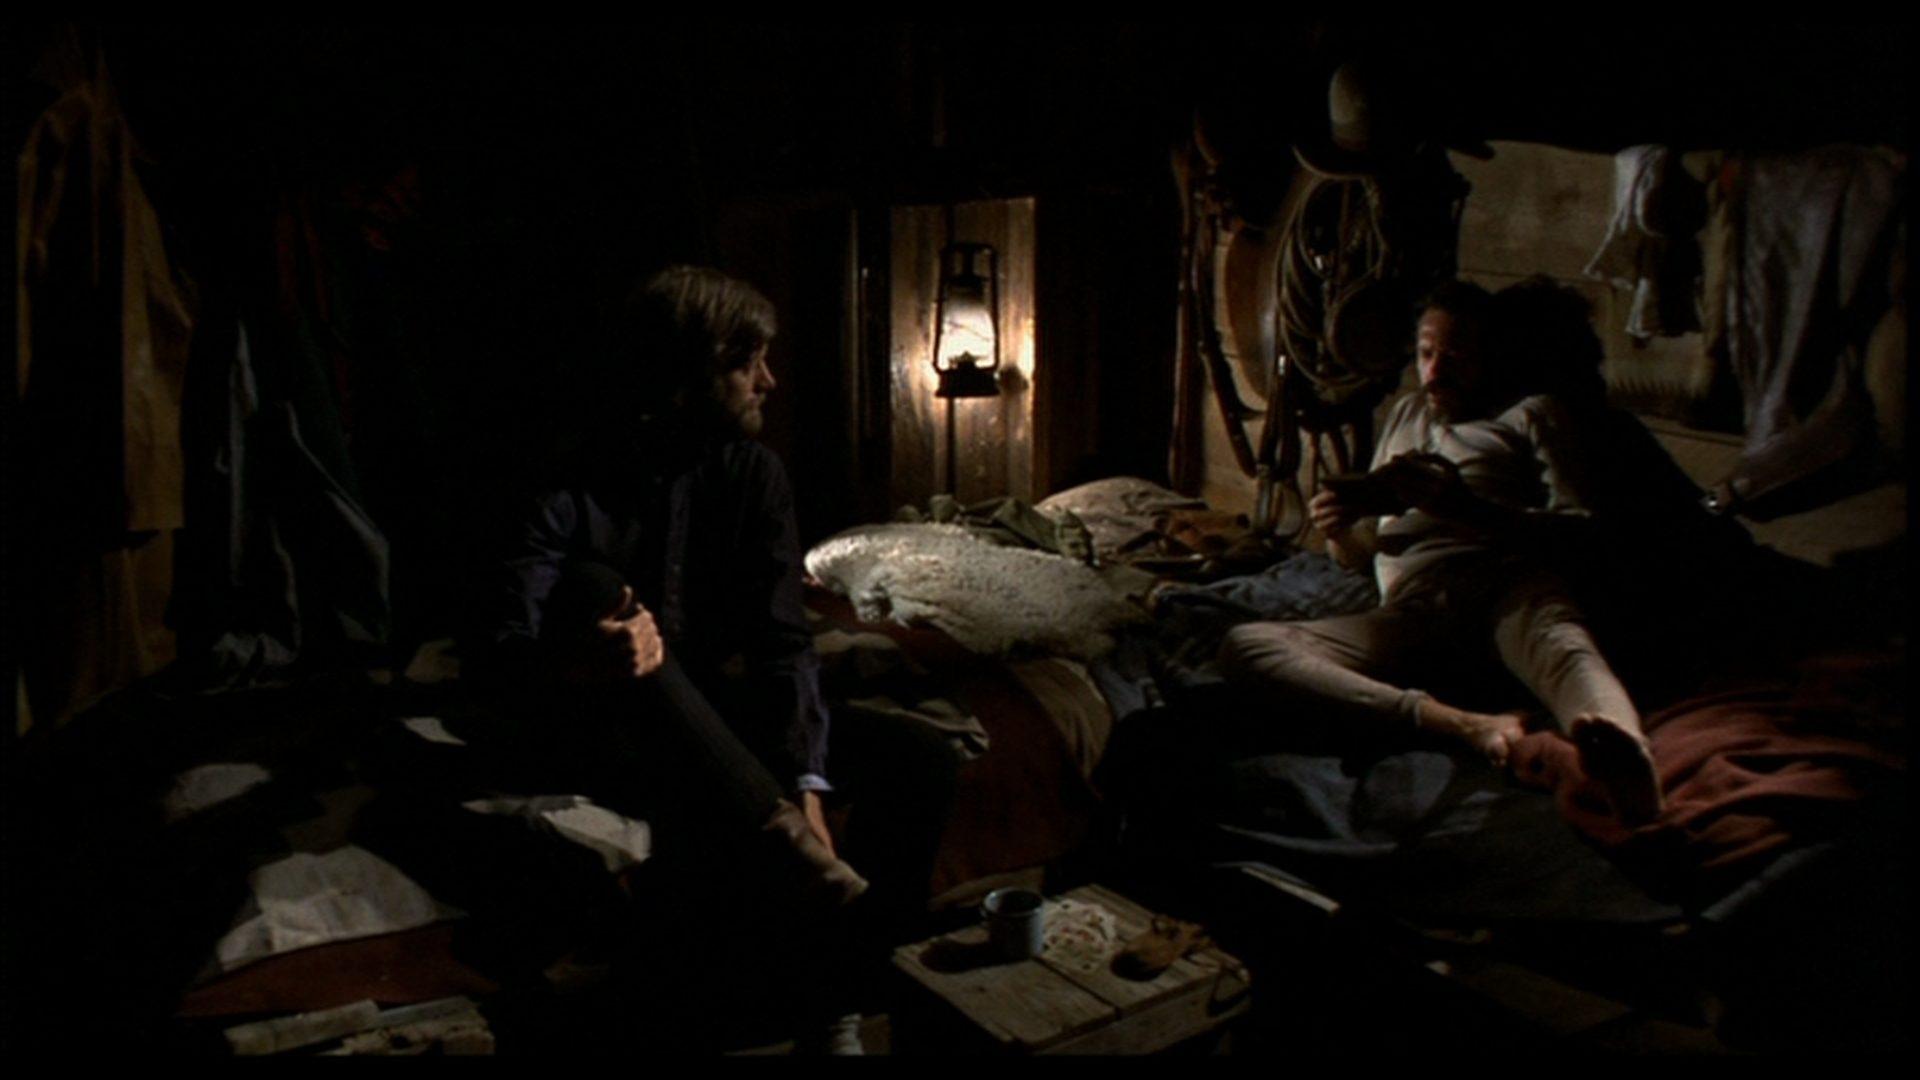 Harry Collings und Arch Harris gehen in einer spärlich erleuchteten Hütte zu Bett.